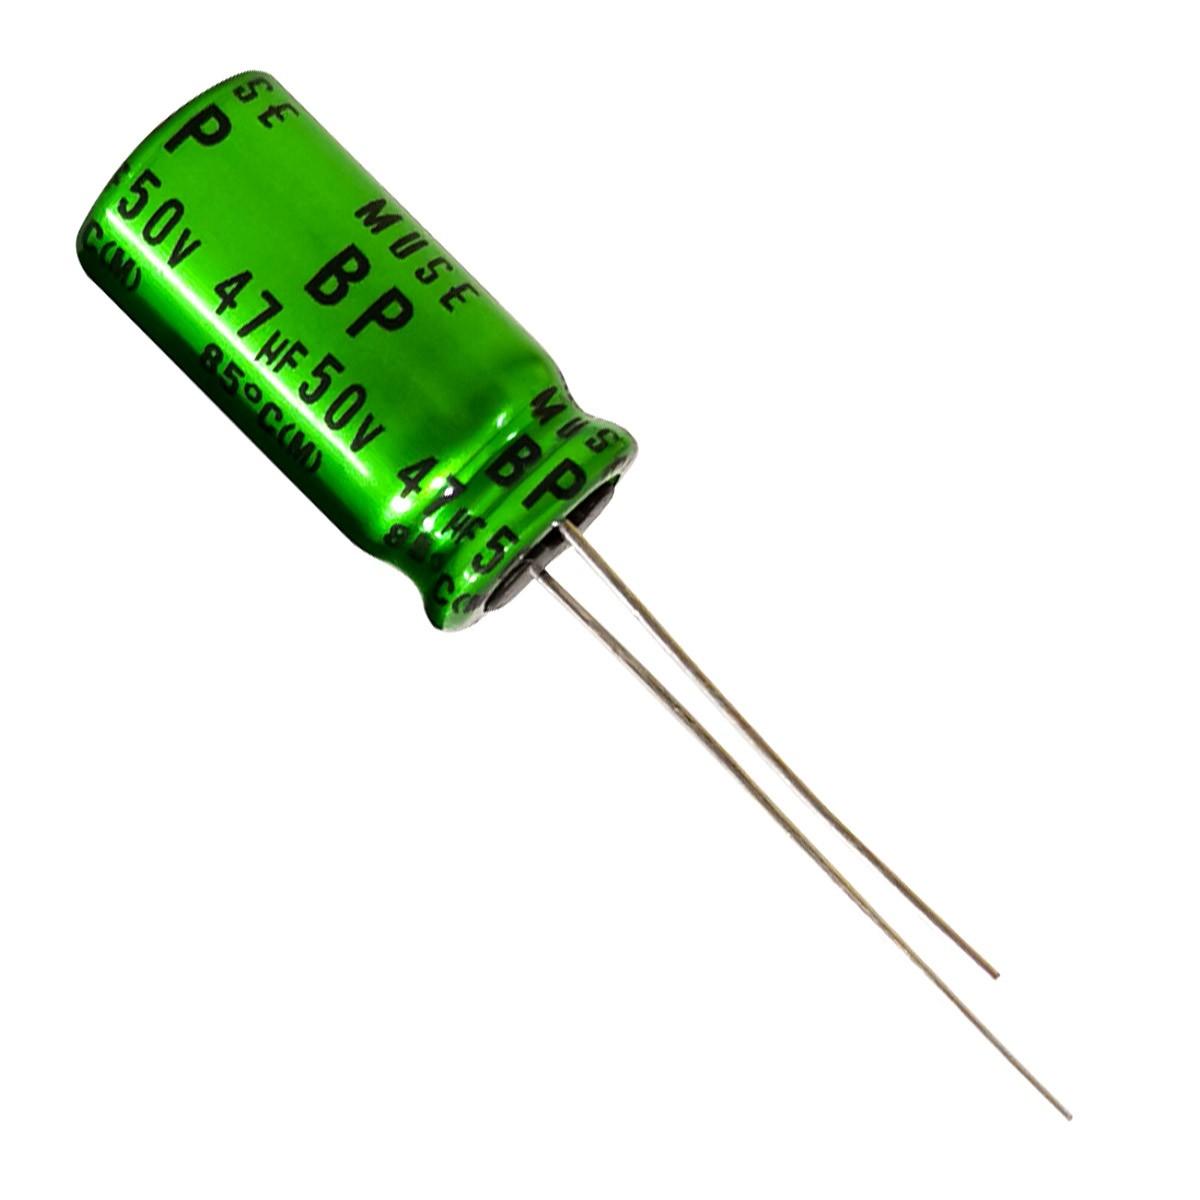 NICHICON ES MUSE HiFi Audio Capacitor 35V 100µF